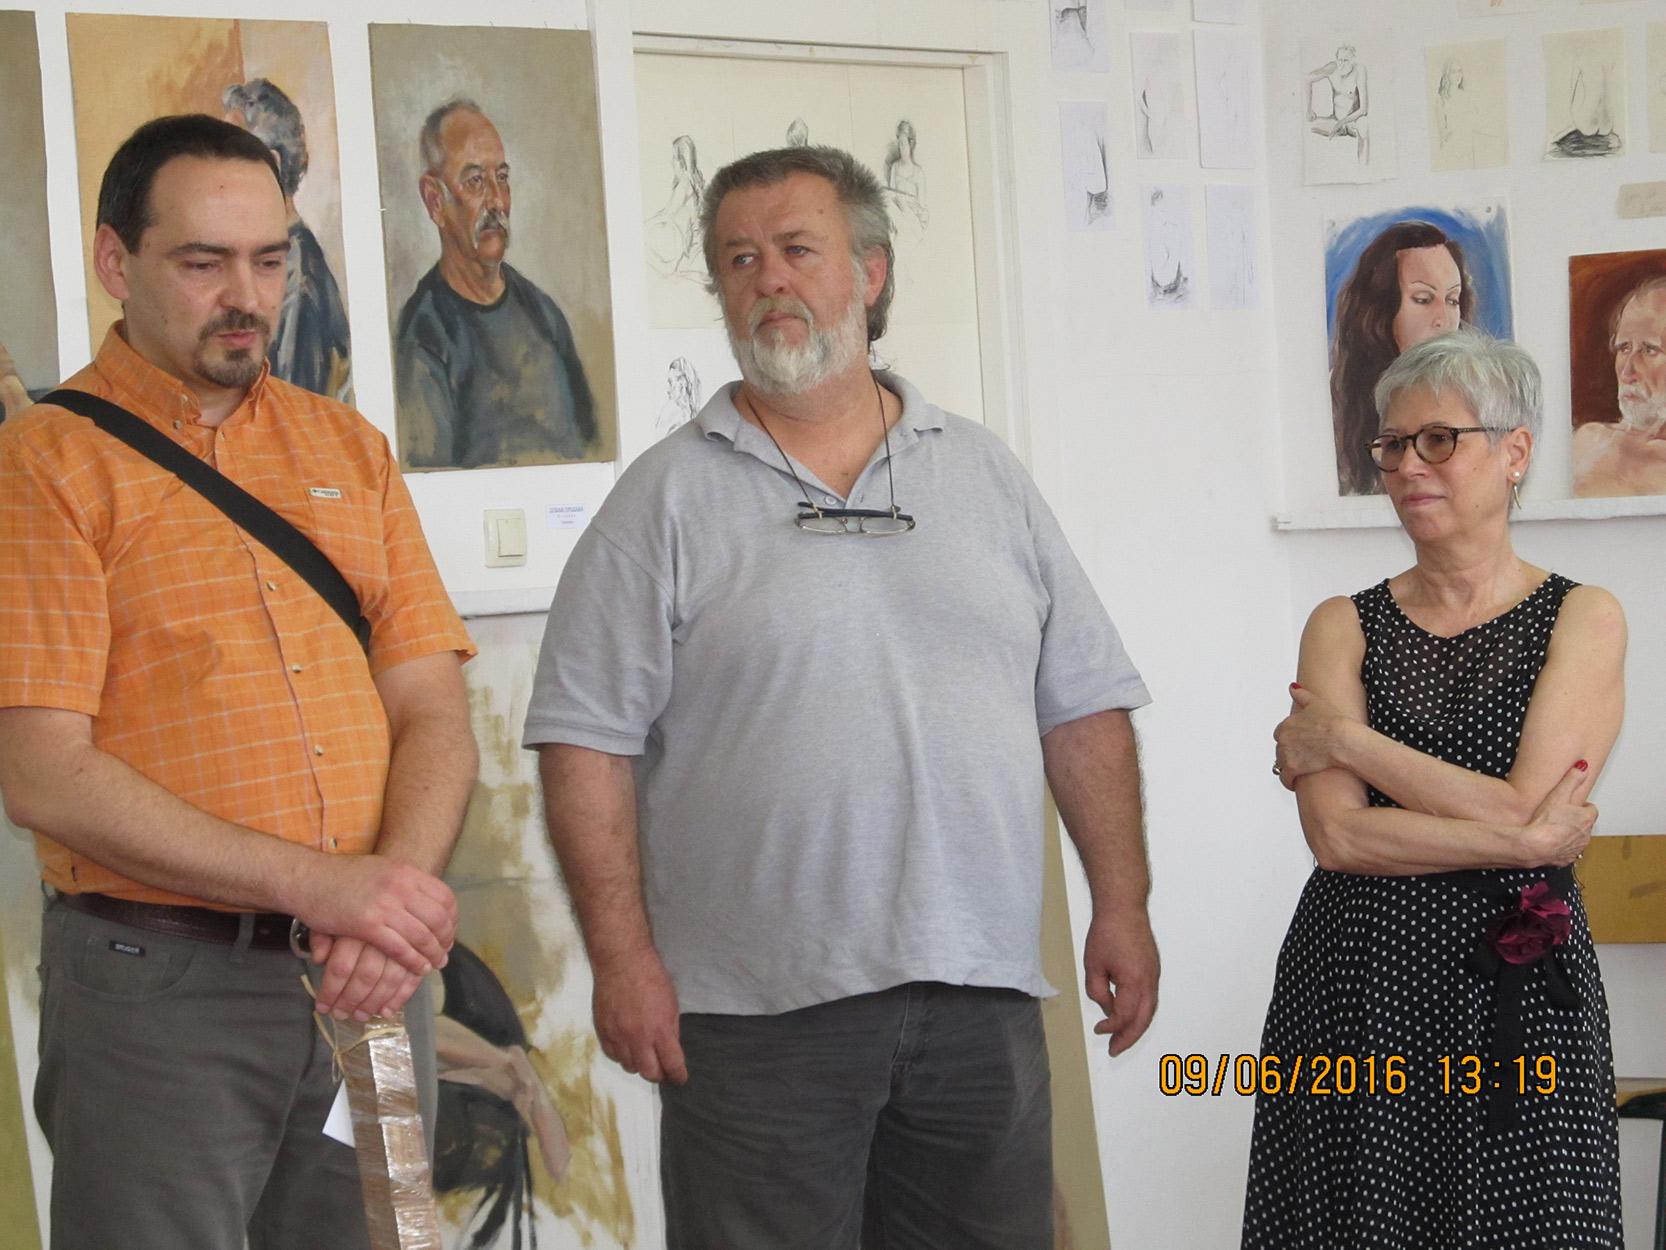 Akademski Umetnik, slikar Darko Topalski sa prof. Draganom Martinovićem i dr. Jasnom Jovanov